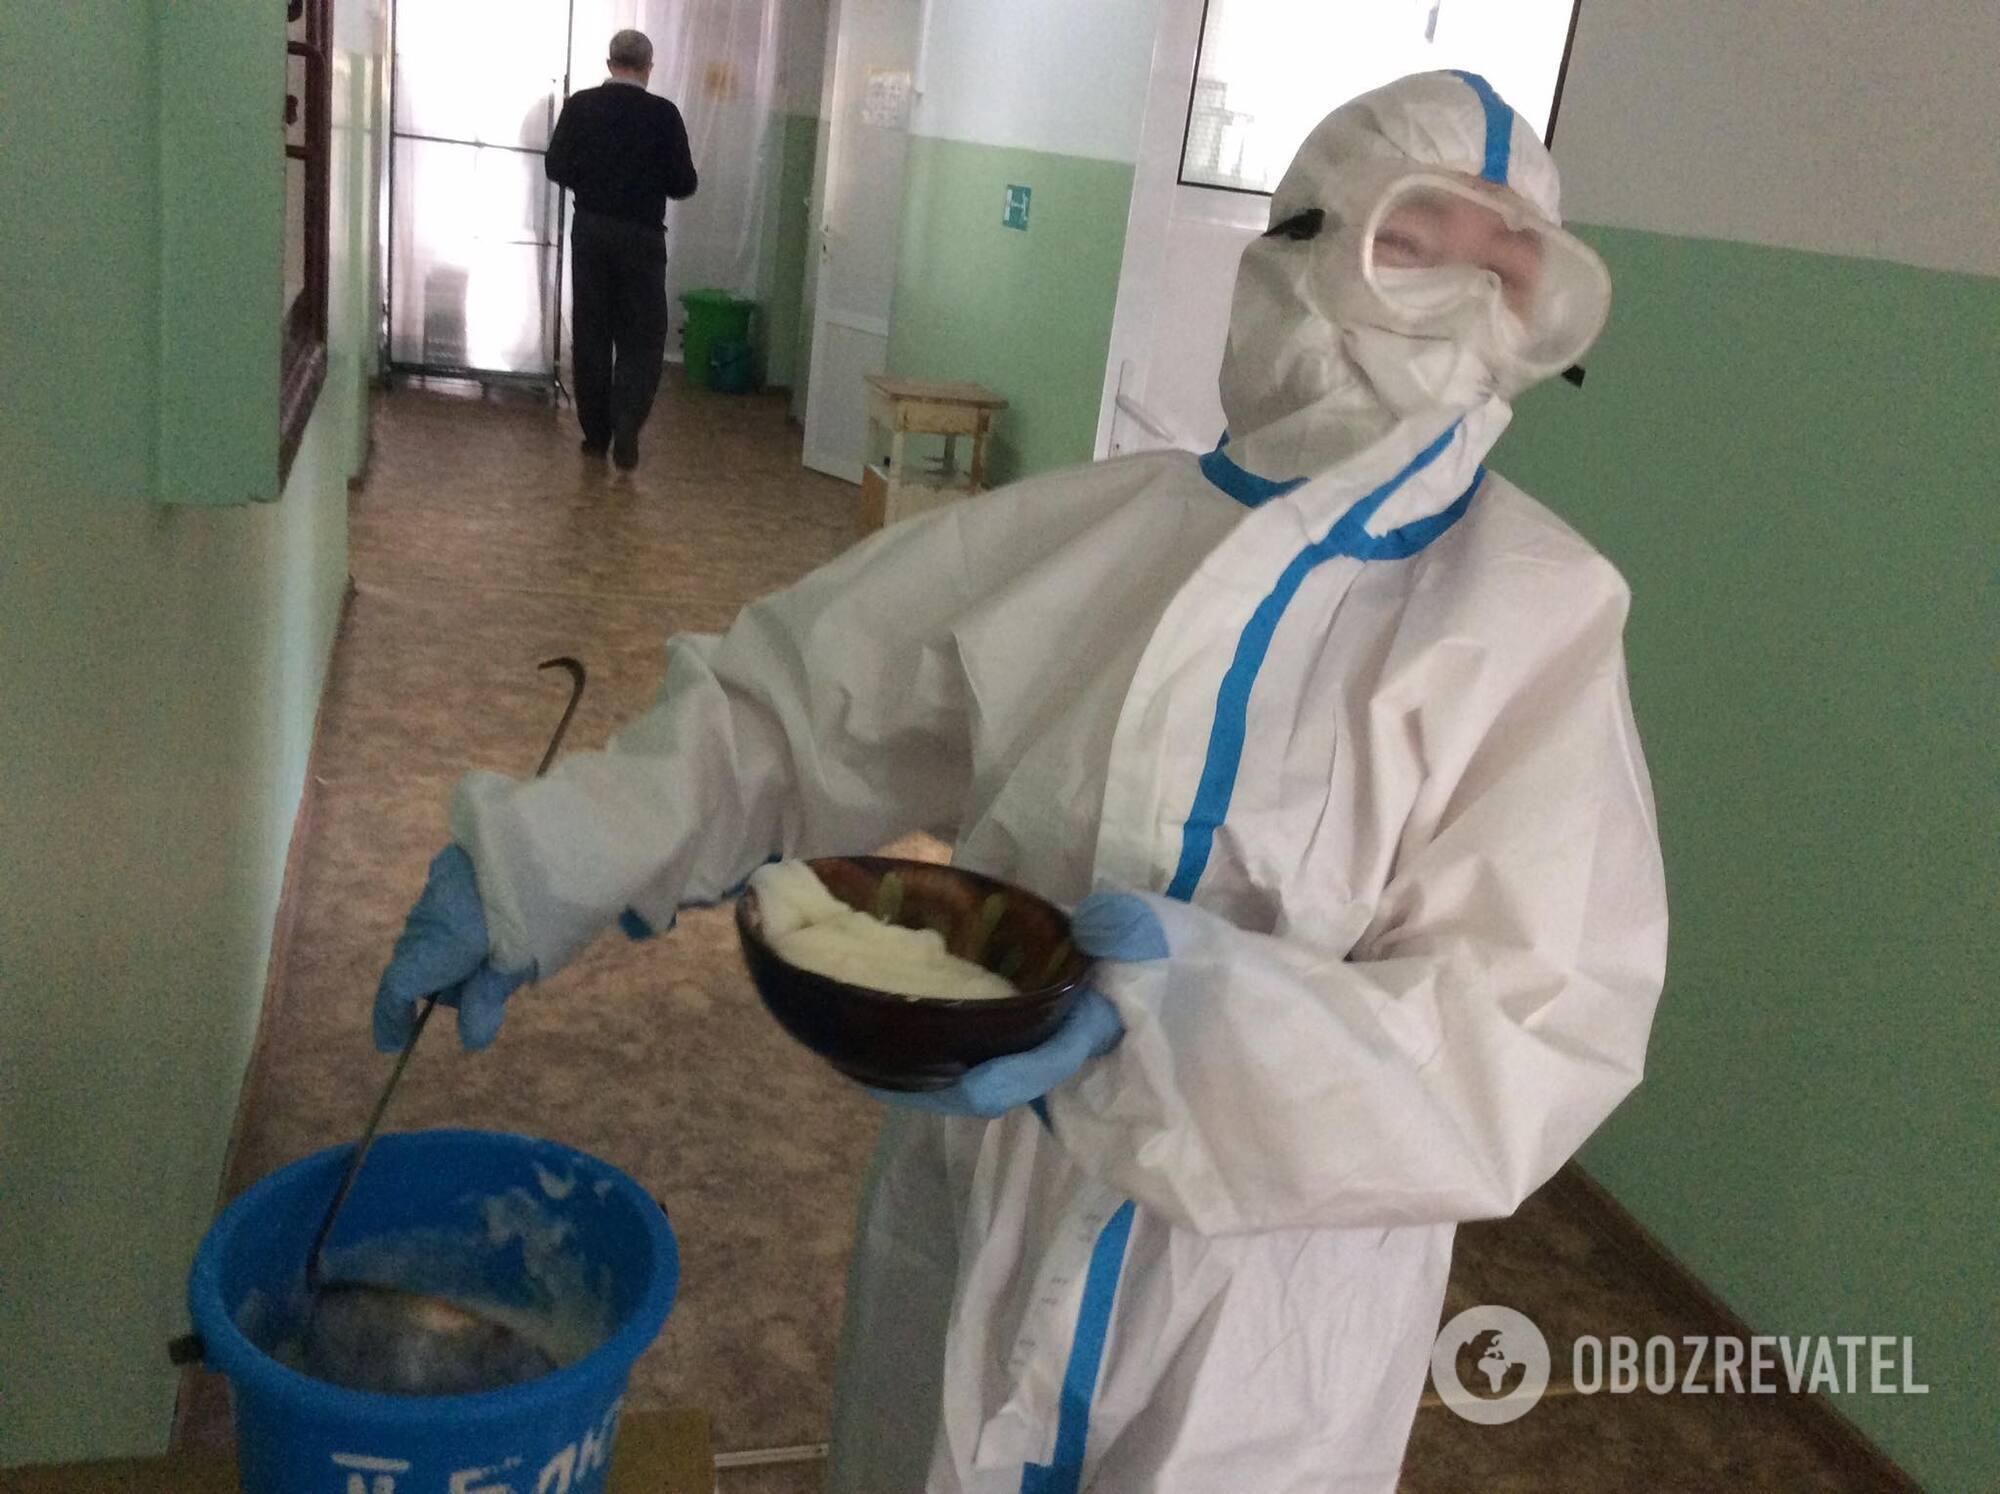 Відділення для хворих коронавірусом в лікарні №4 в Маріуполі